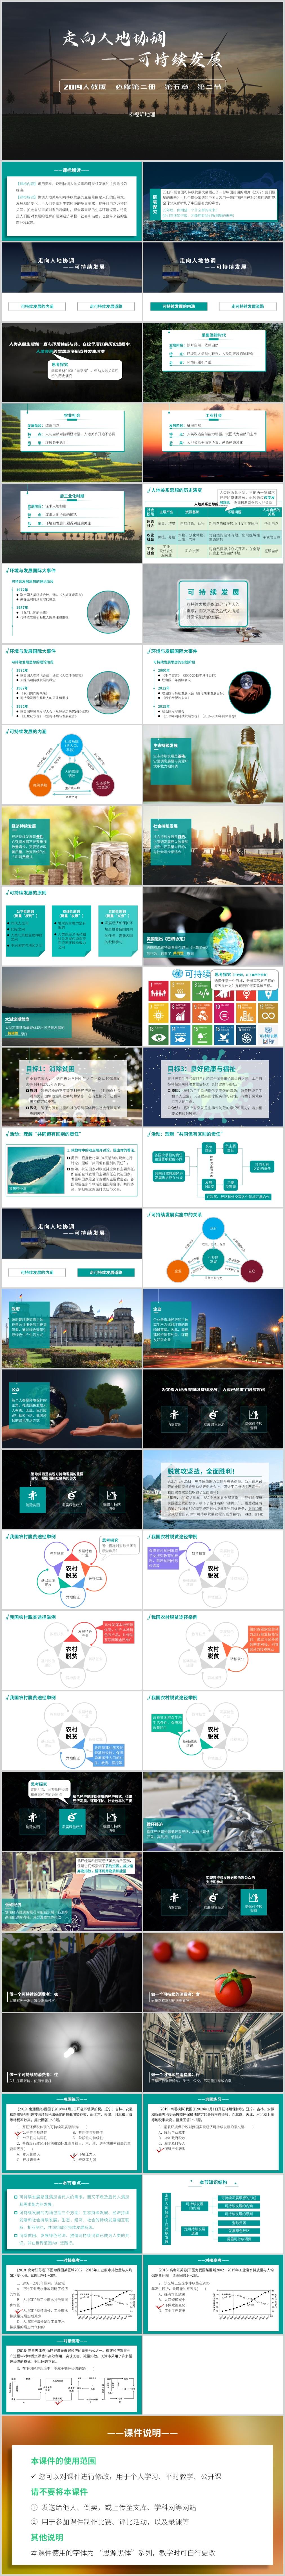 5.2走向人地协调——可持续发展[2021更新-人教版]1.jpg